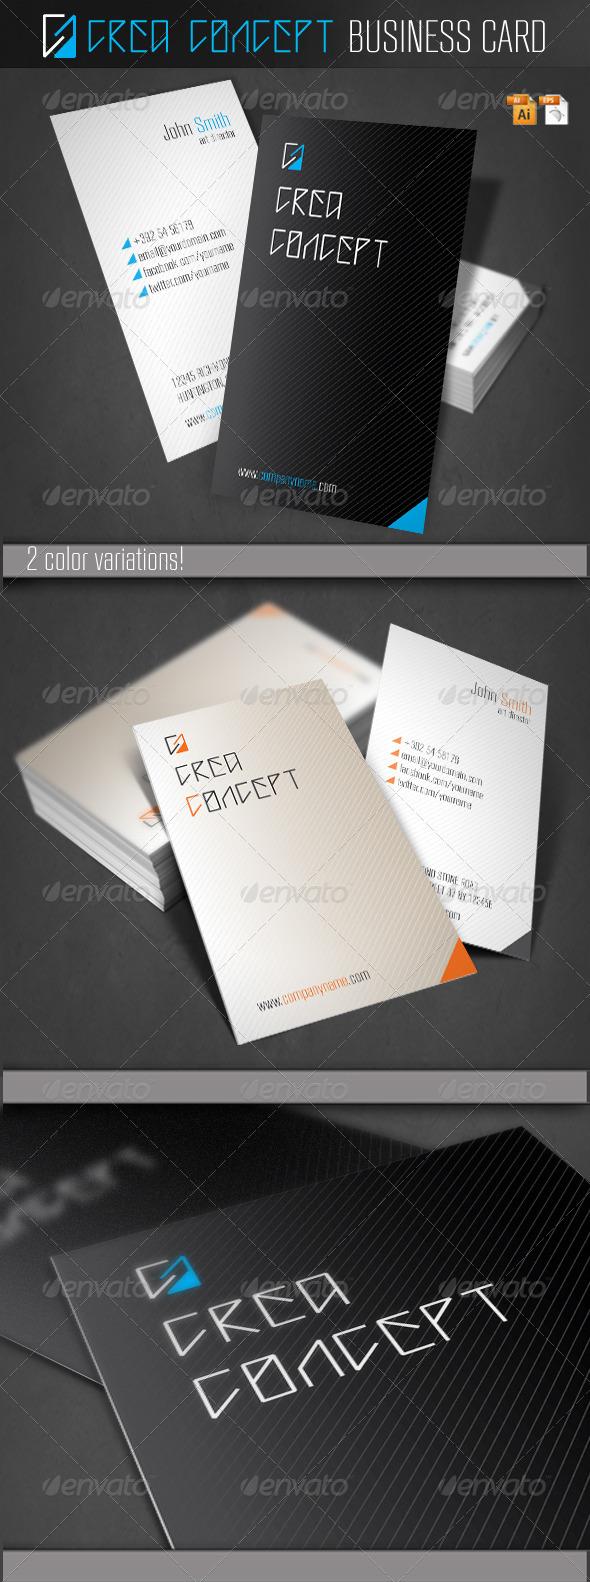 Crea Concept Business Card - Corporate Business Cards